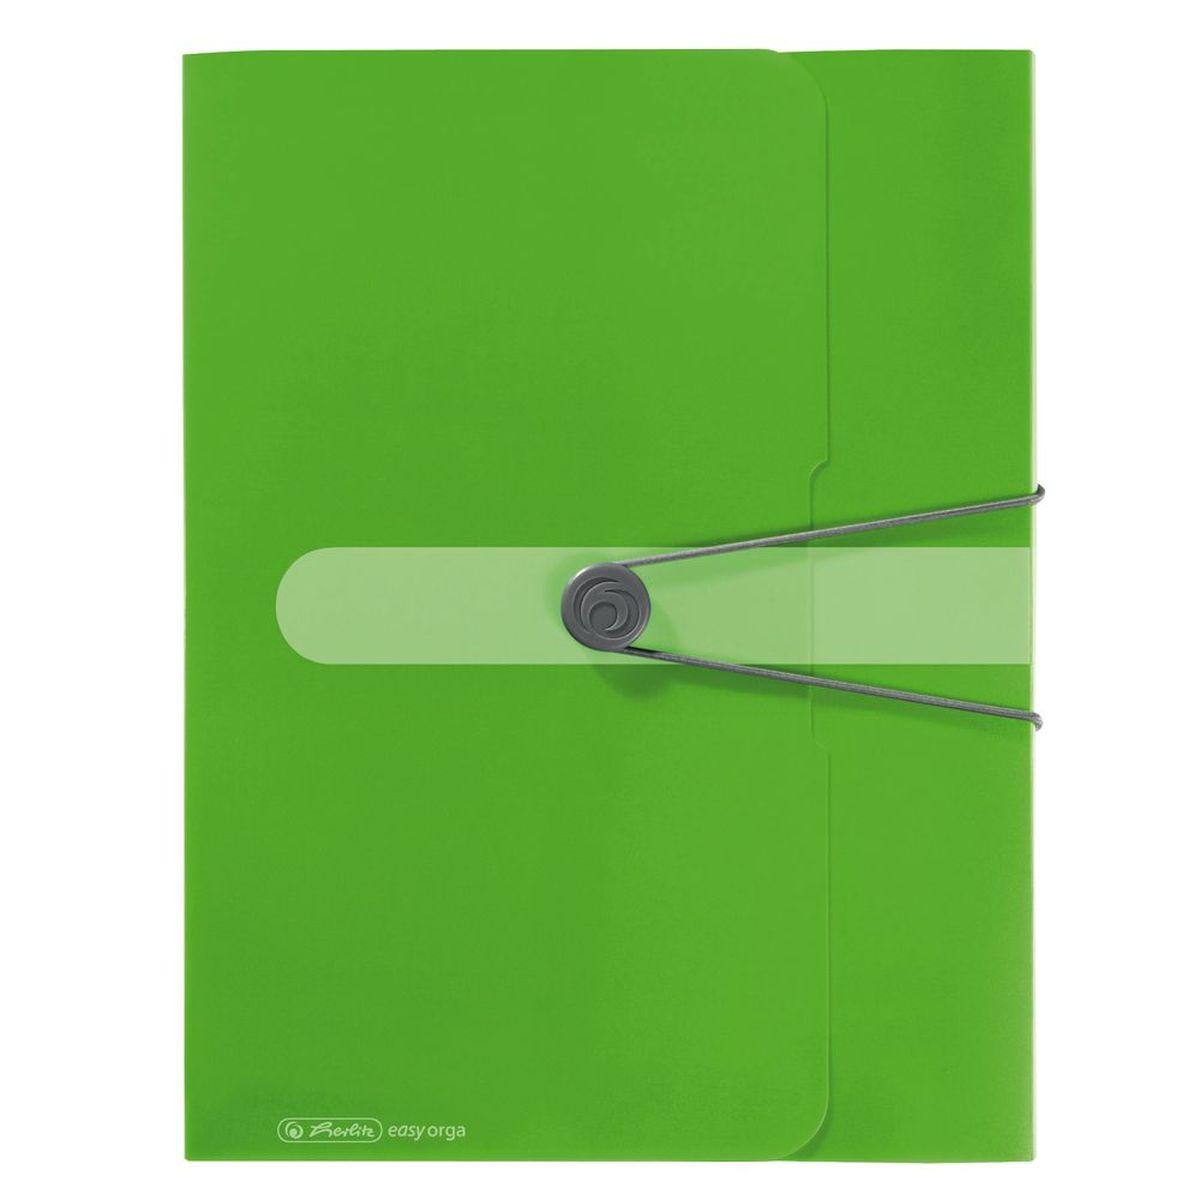 Herlitz Папка-конверт Easy orga to go цвет зеленыйI200/LBUПапка-конверт Herlitz Easy orga to go станет вашим верным помощником дома и в офисе.Это удобный и функциональный инструмент, предназначенный для хранения и транспортировки больших объемов рабочих бумаг и документов формата А4. Папка изготовлена из износостойкого пластика и качественного полипропилена. Состоит из одного вместительного отделения. Закрывается папка при помощи резинки, а на корешке папки есть ярлычок.Папка - это незаменимый атрибут для любого студента, школьника или офисного работника. Такая папка надежно сохранит ваши бумаги и сбережет их от повреждений, пыли и влаги.